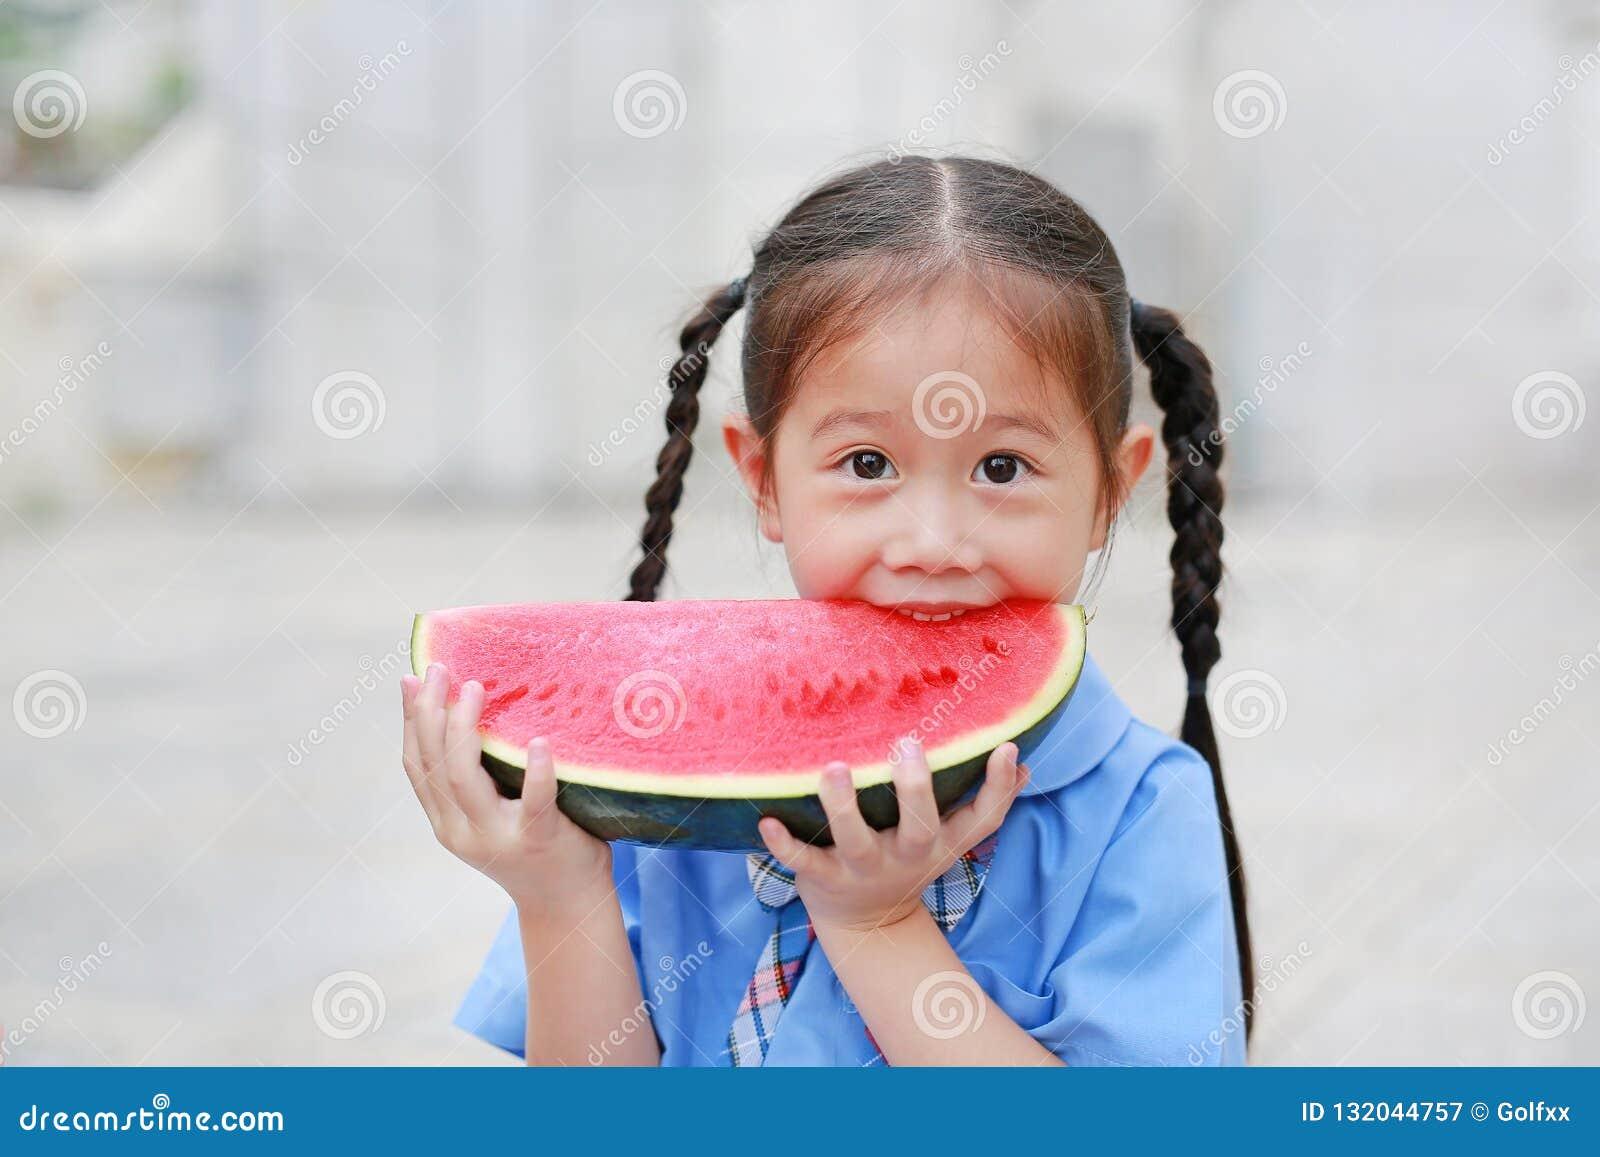 Nettes kleines asiatisches Kindermädchen in der Schuluniform genießen, frische geschnittene Wassermelone zu essen